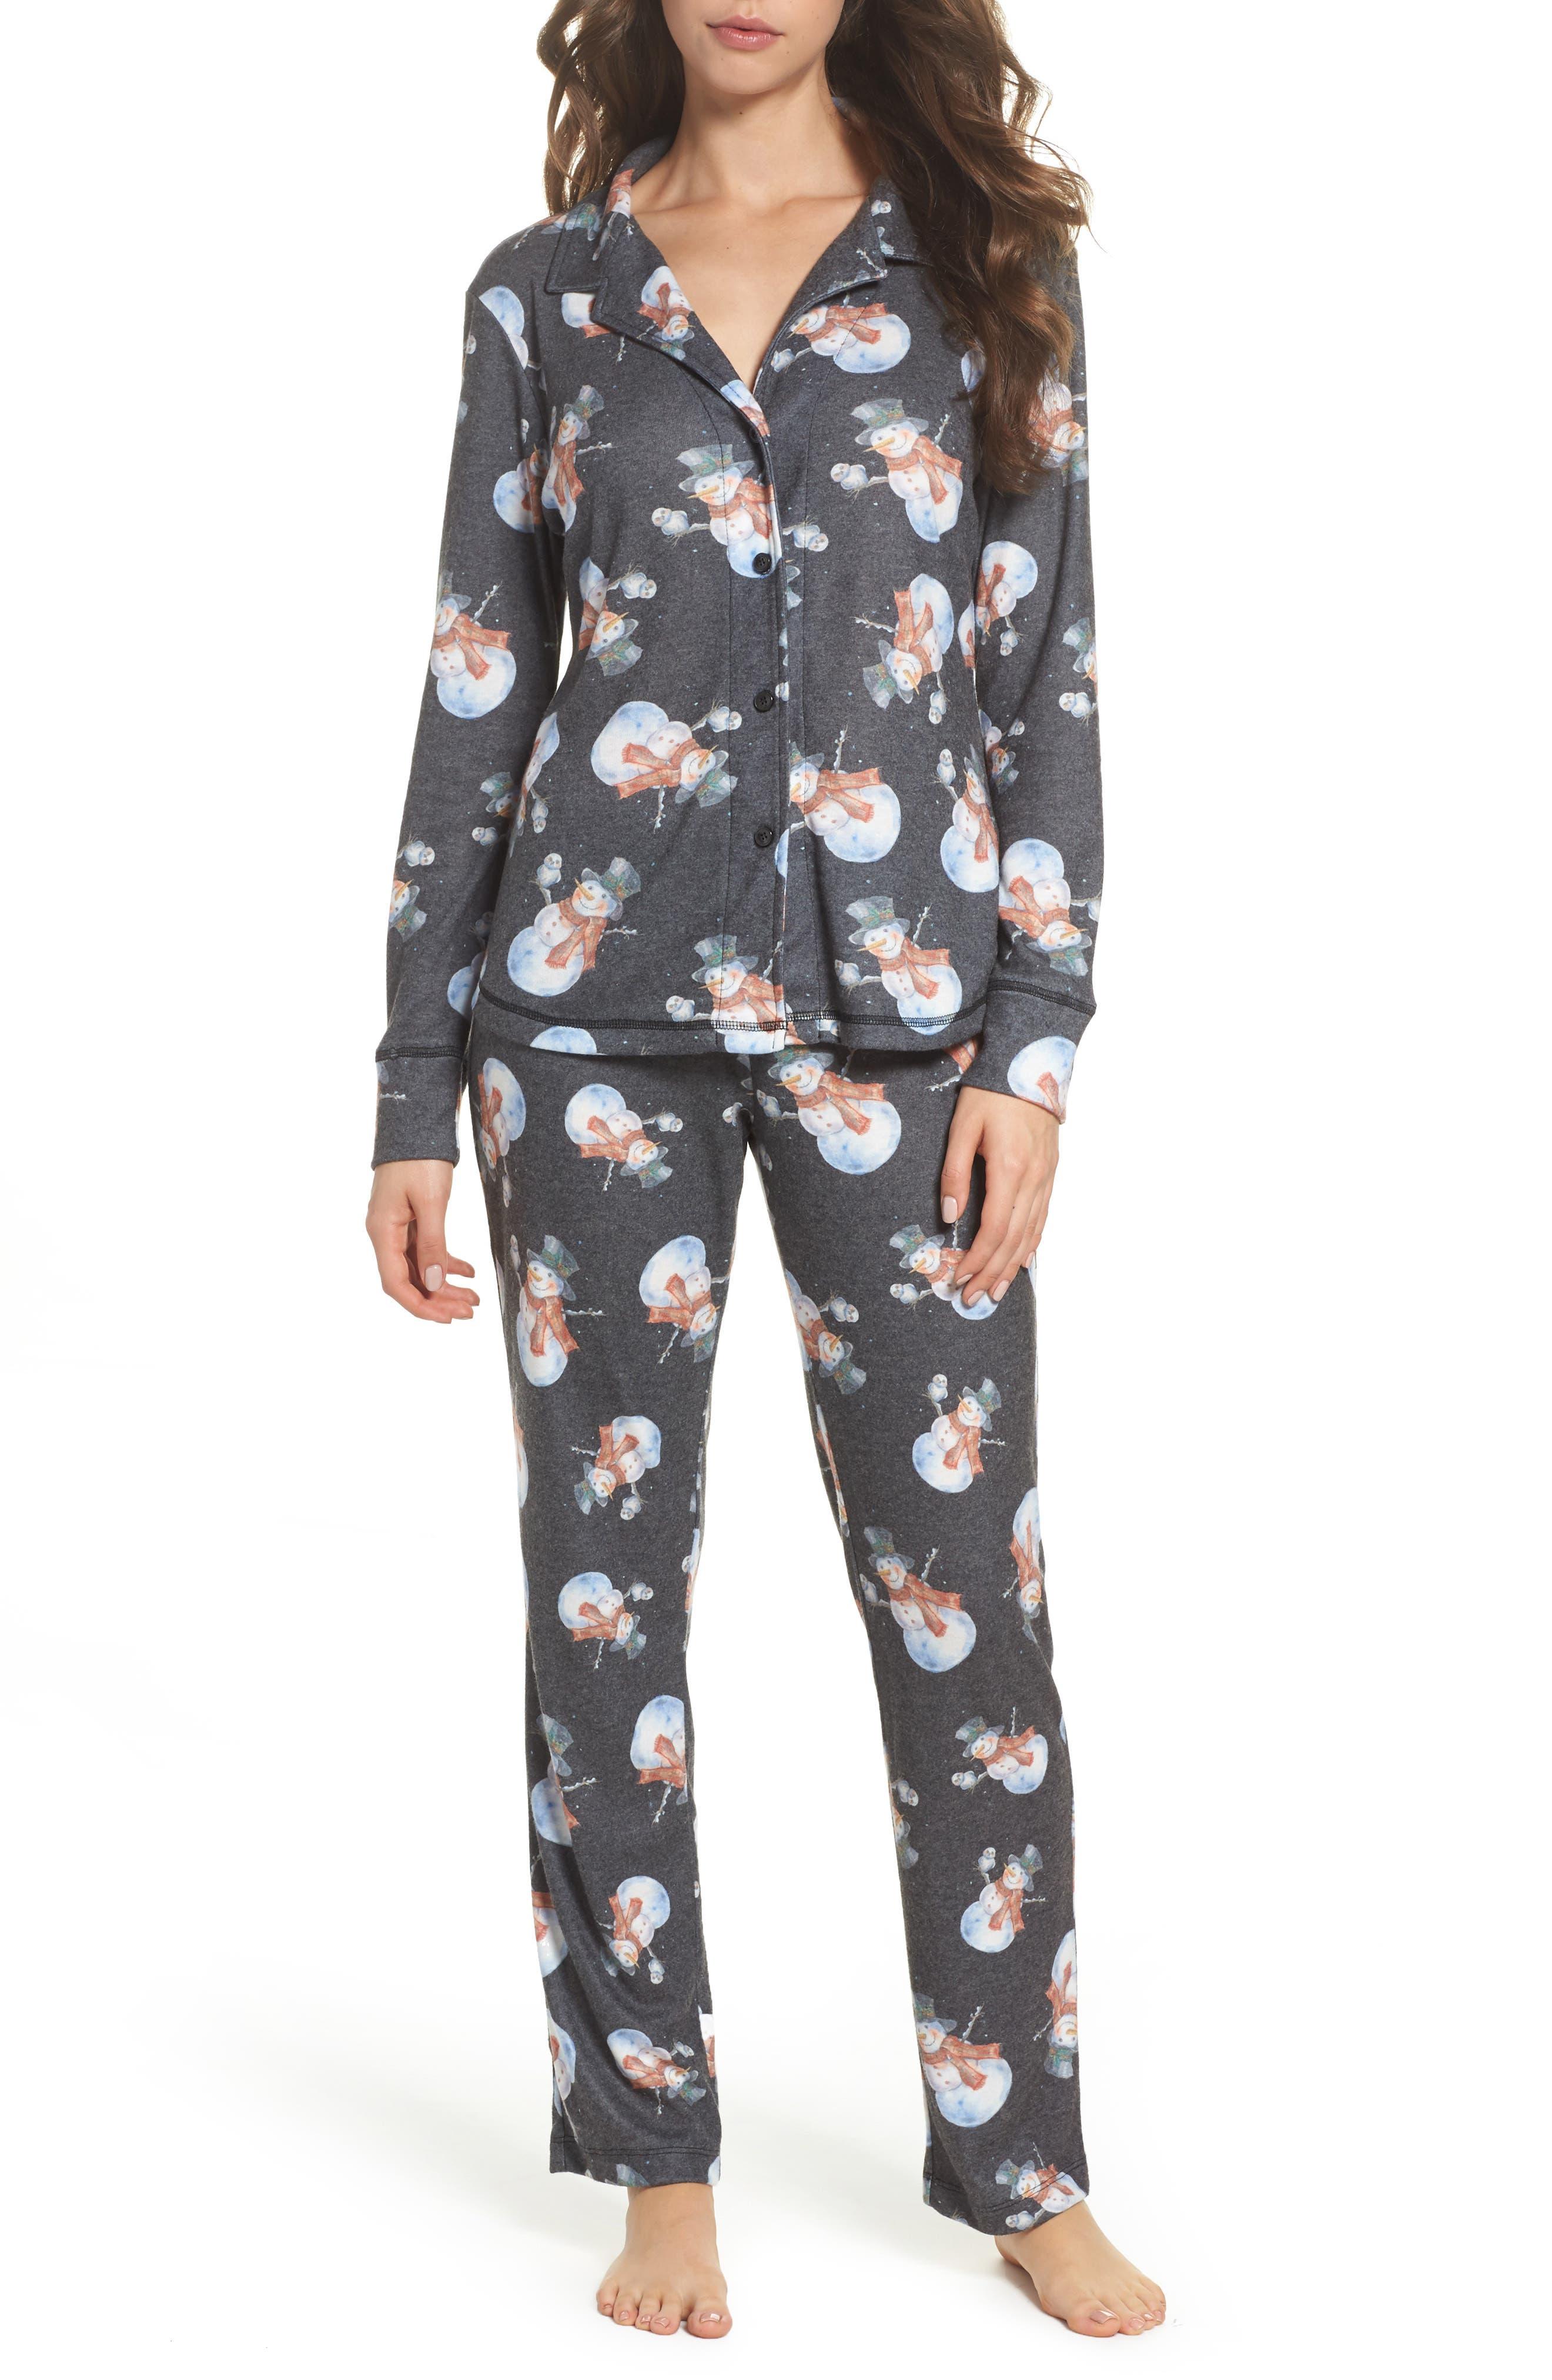 Clara Flannel Pajamas,                             Main thumbnail 1, color,                             001